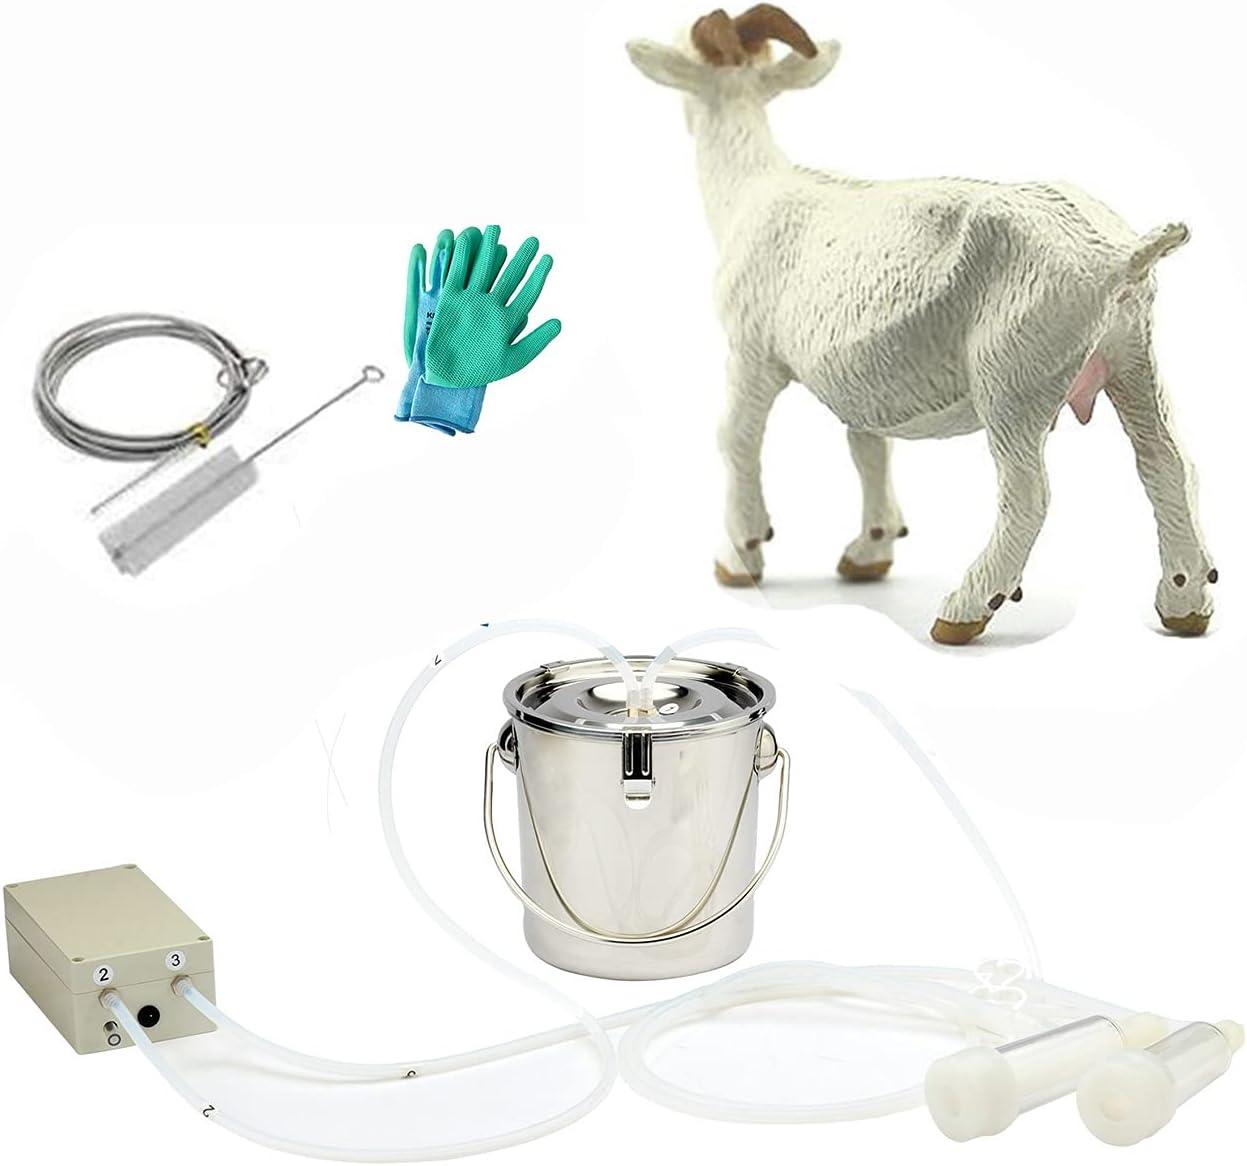 Milking Machine for Goats,Pulsation Vacuum Pump Sheep Milker,Food-Grade Automatic 3L Goat Milking Machine for Jerseys,Nigerian Dwarfs,Nubian Mix,US Standard.(3L, Goat)